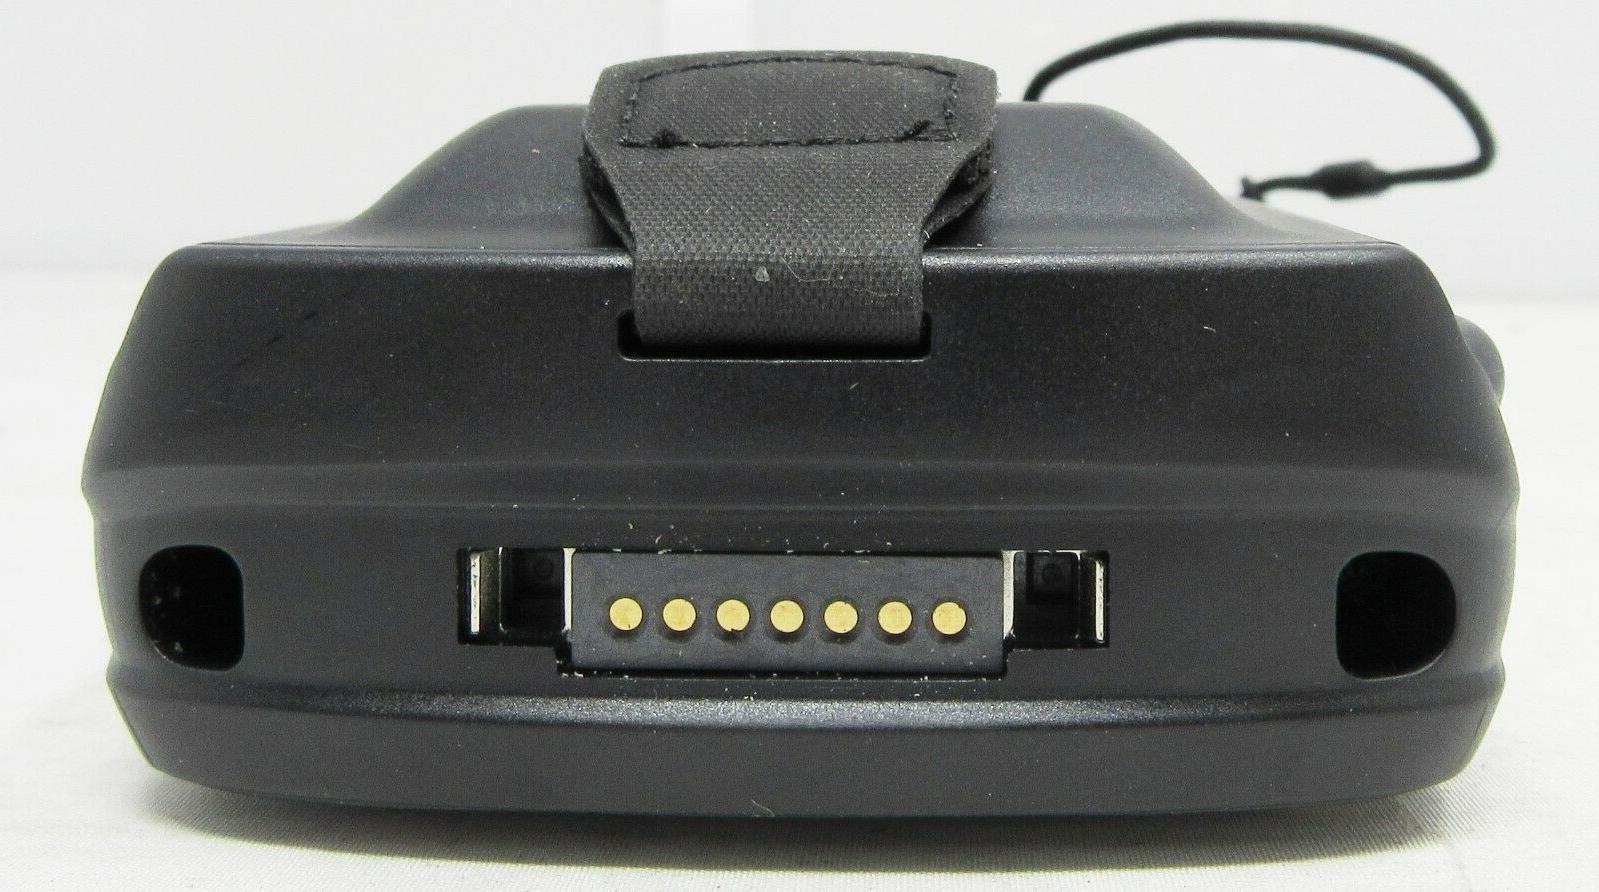 Symbol Handheld 2D/1D